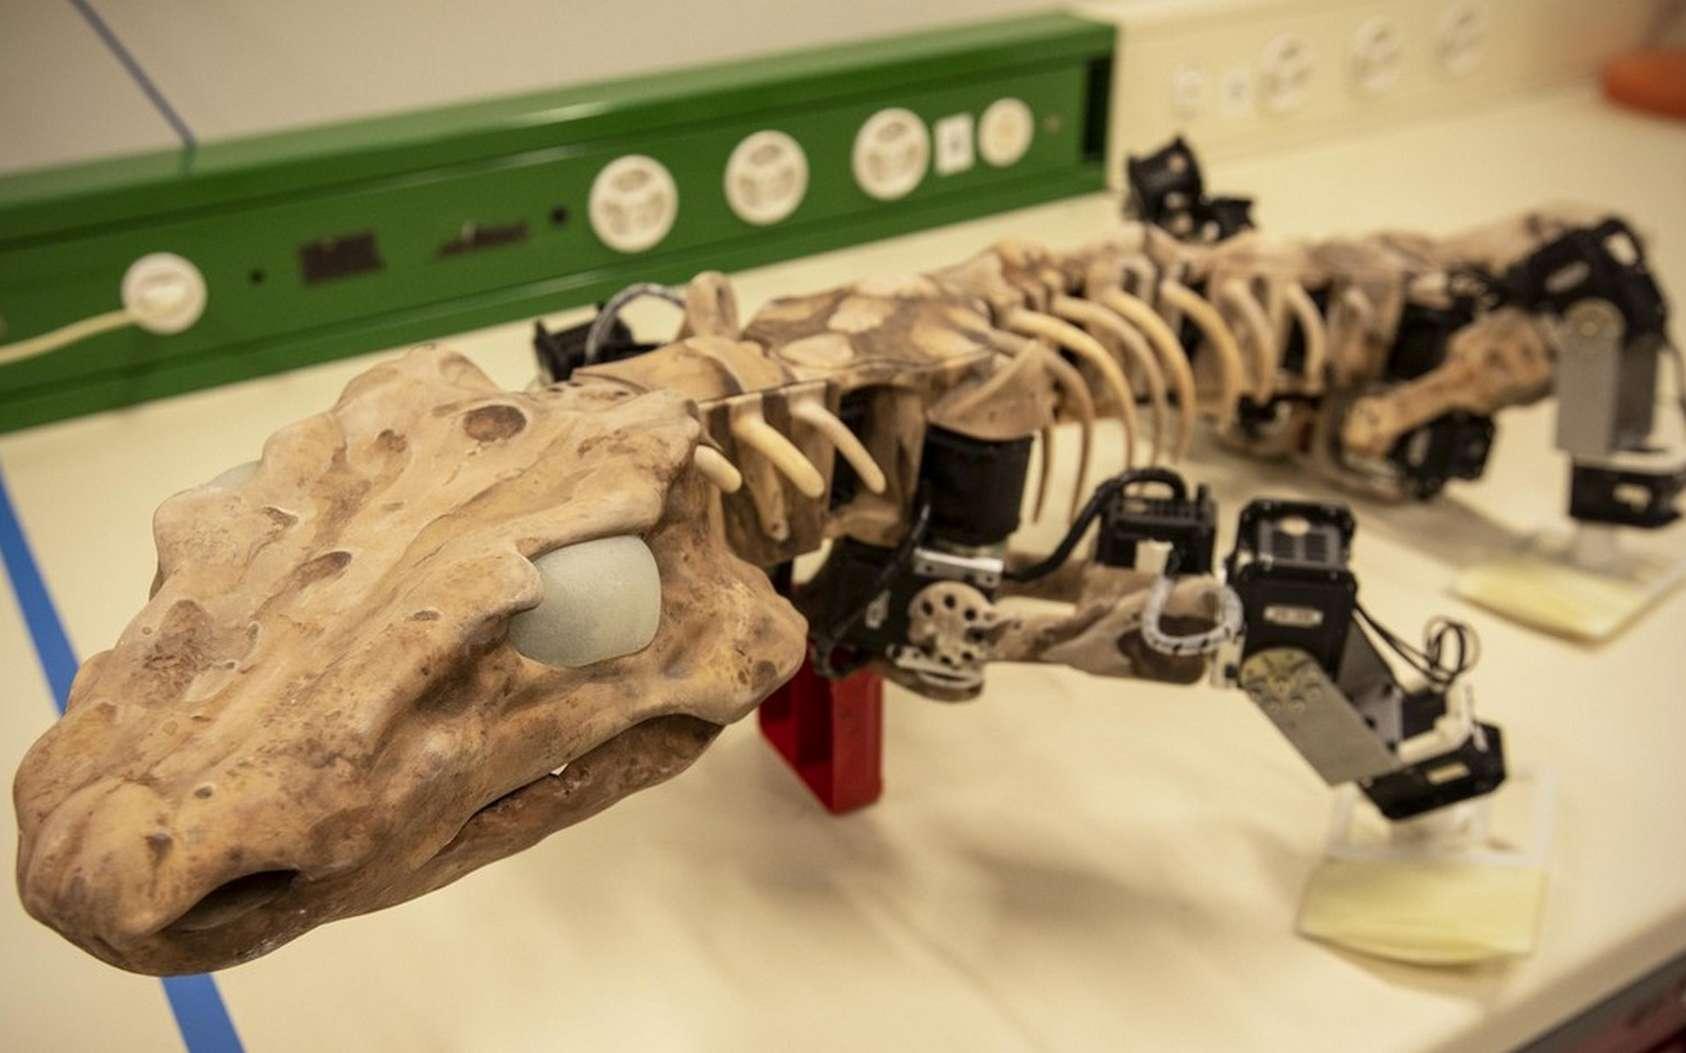 L'OroBOT a été conçu à partir des informations recueillies du squelette et des traces de pas fossilisés de l'Orobates pabsti. © 2019 Maxime Marendaz